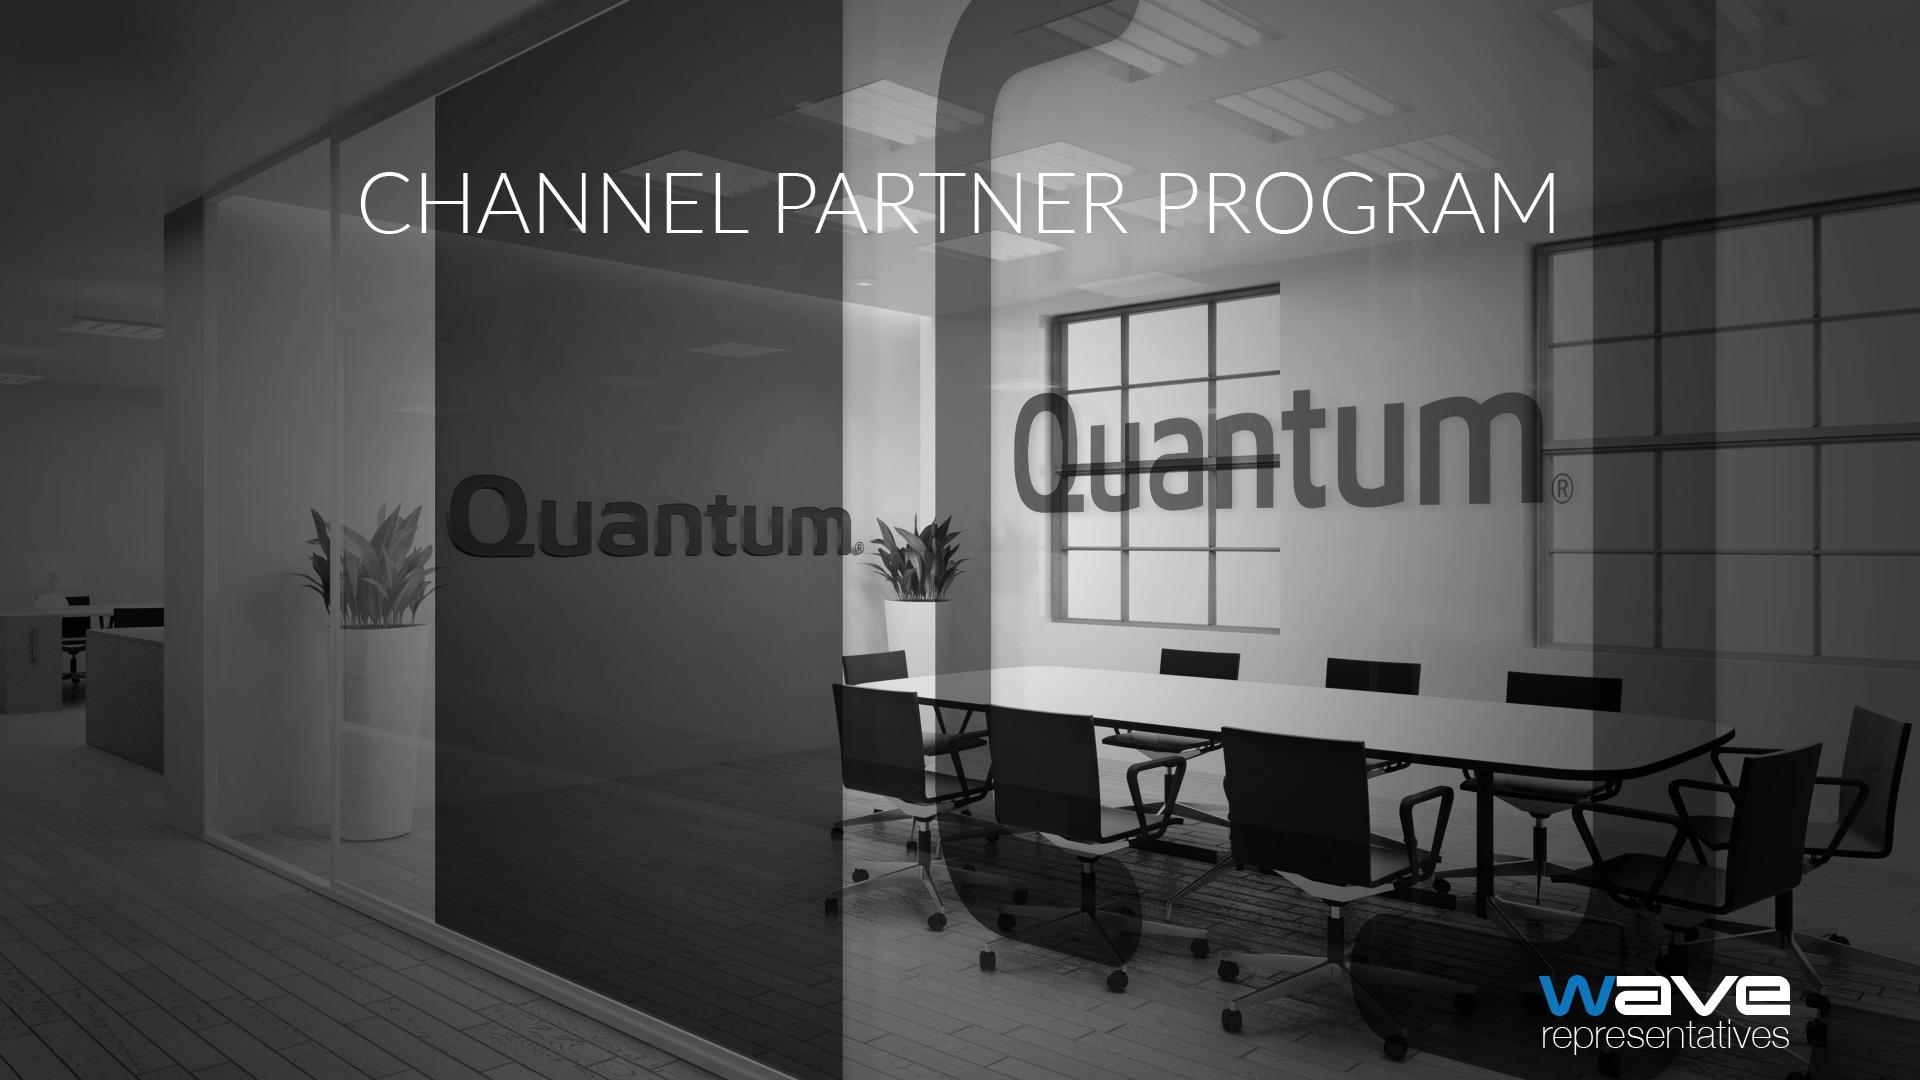 Quantum Channel Partners